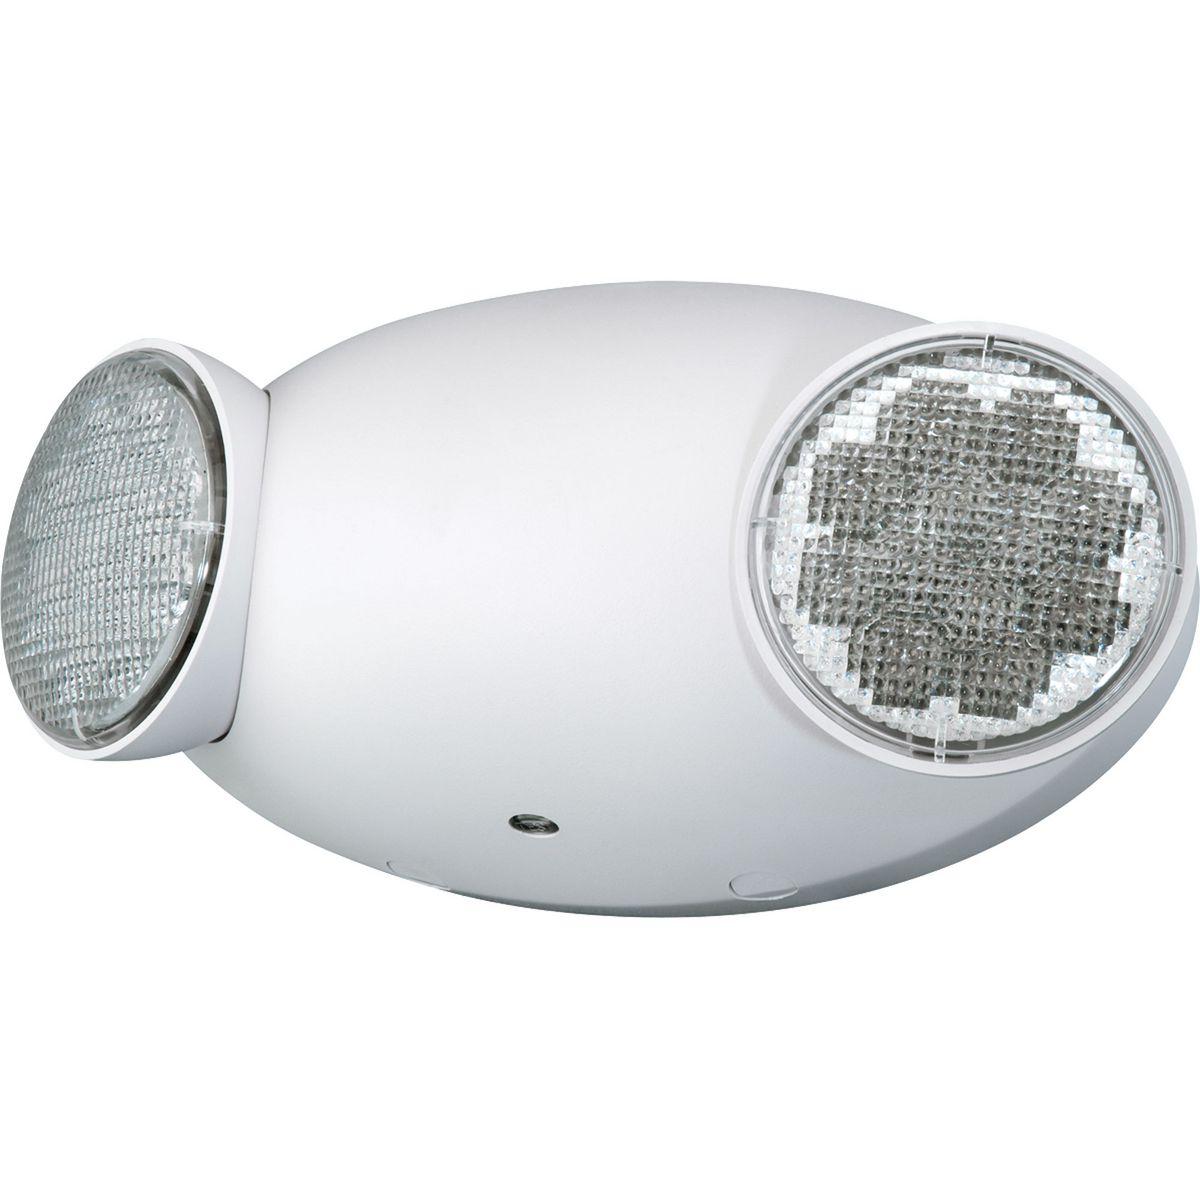 PROG PE012-30 DUAL HEAD LED EMERGEN